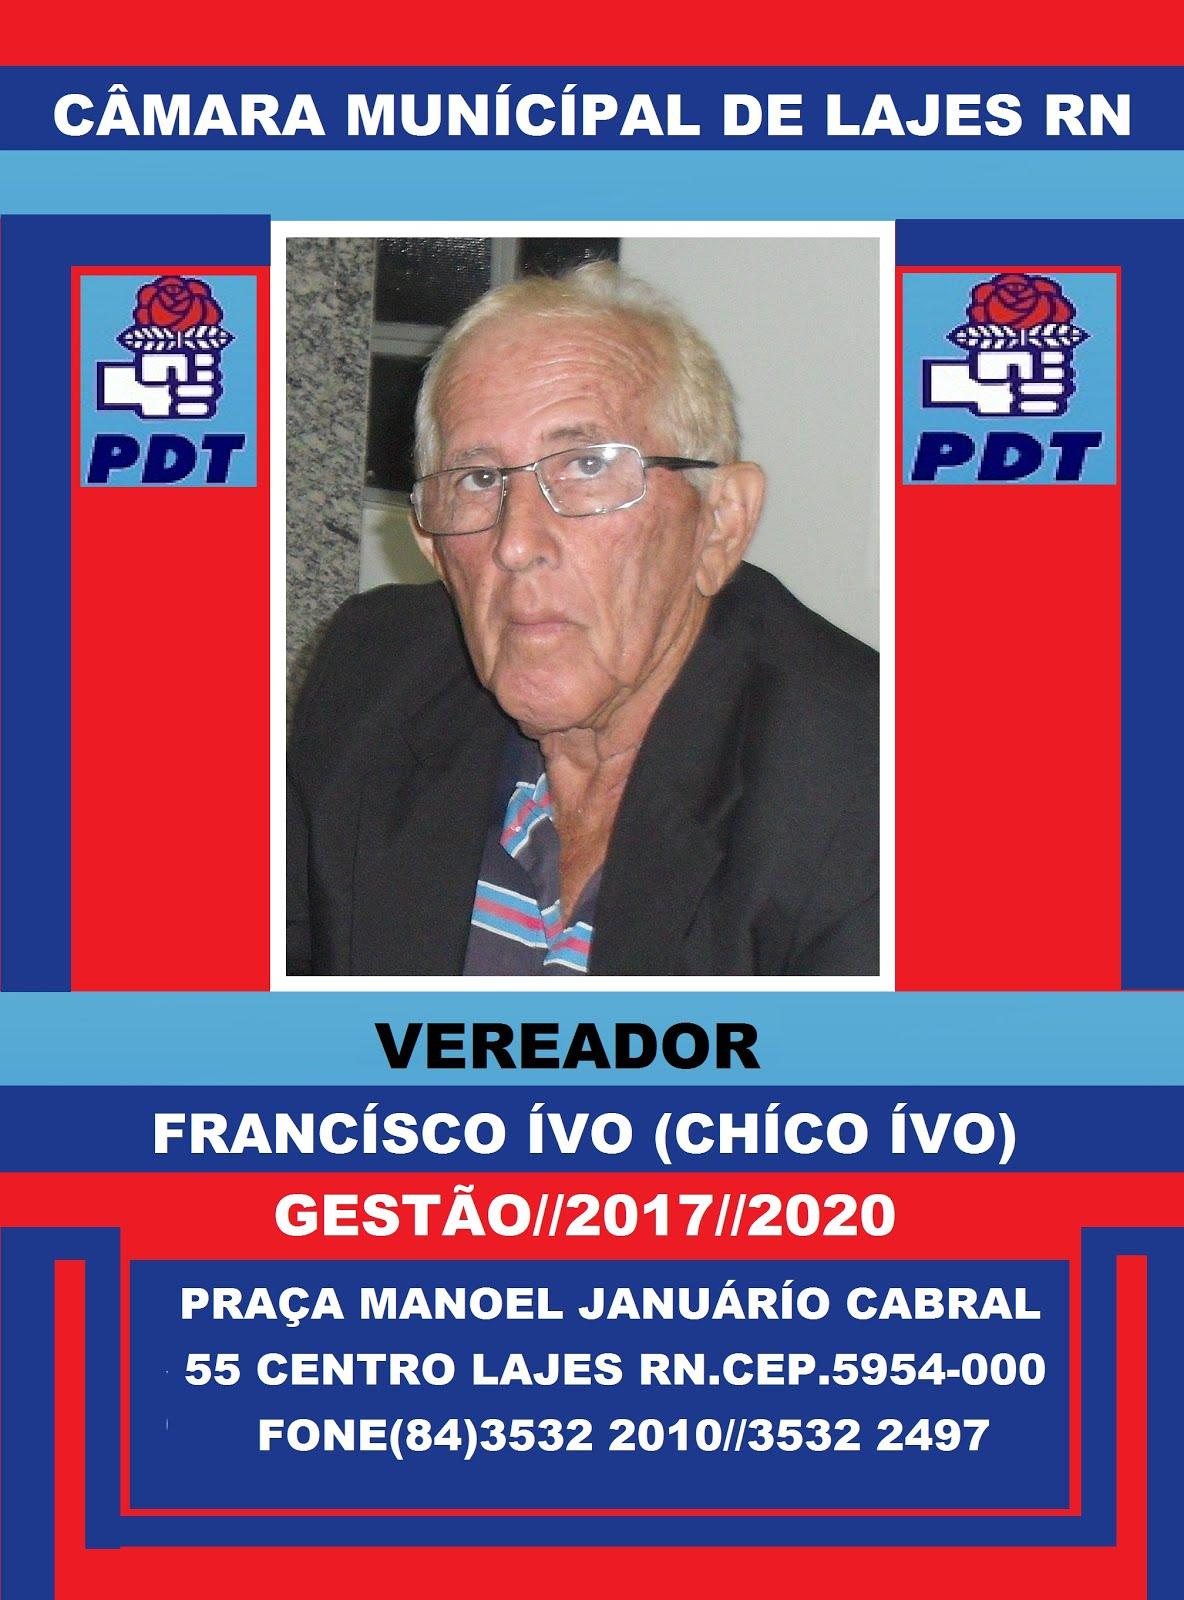 VEREADOR CHICO IVO LAJES RN